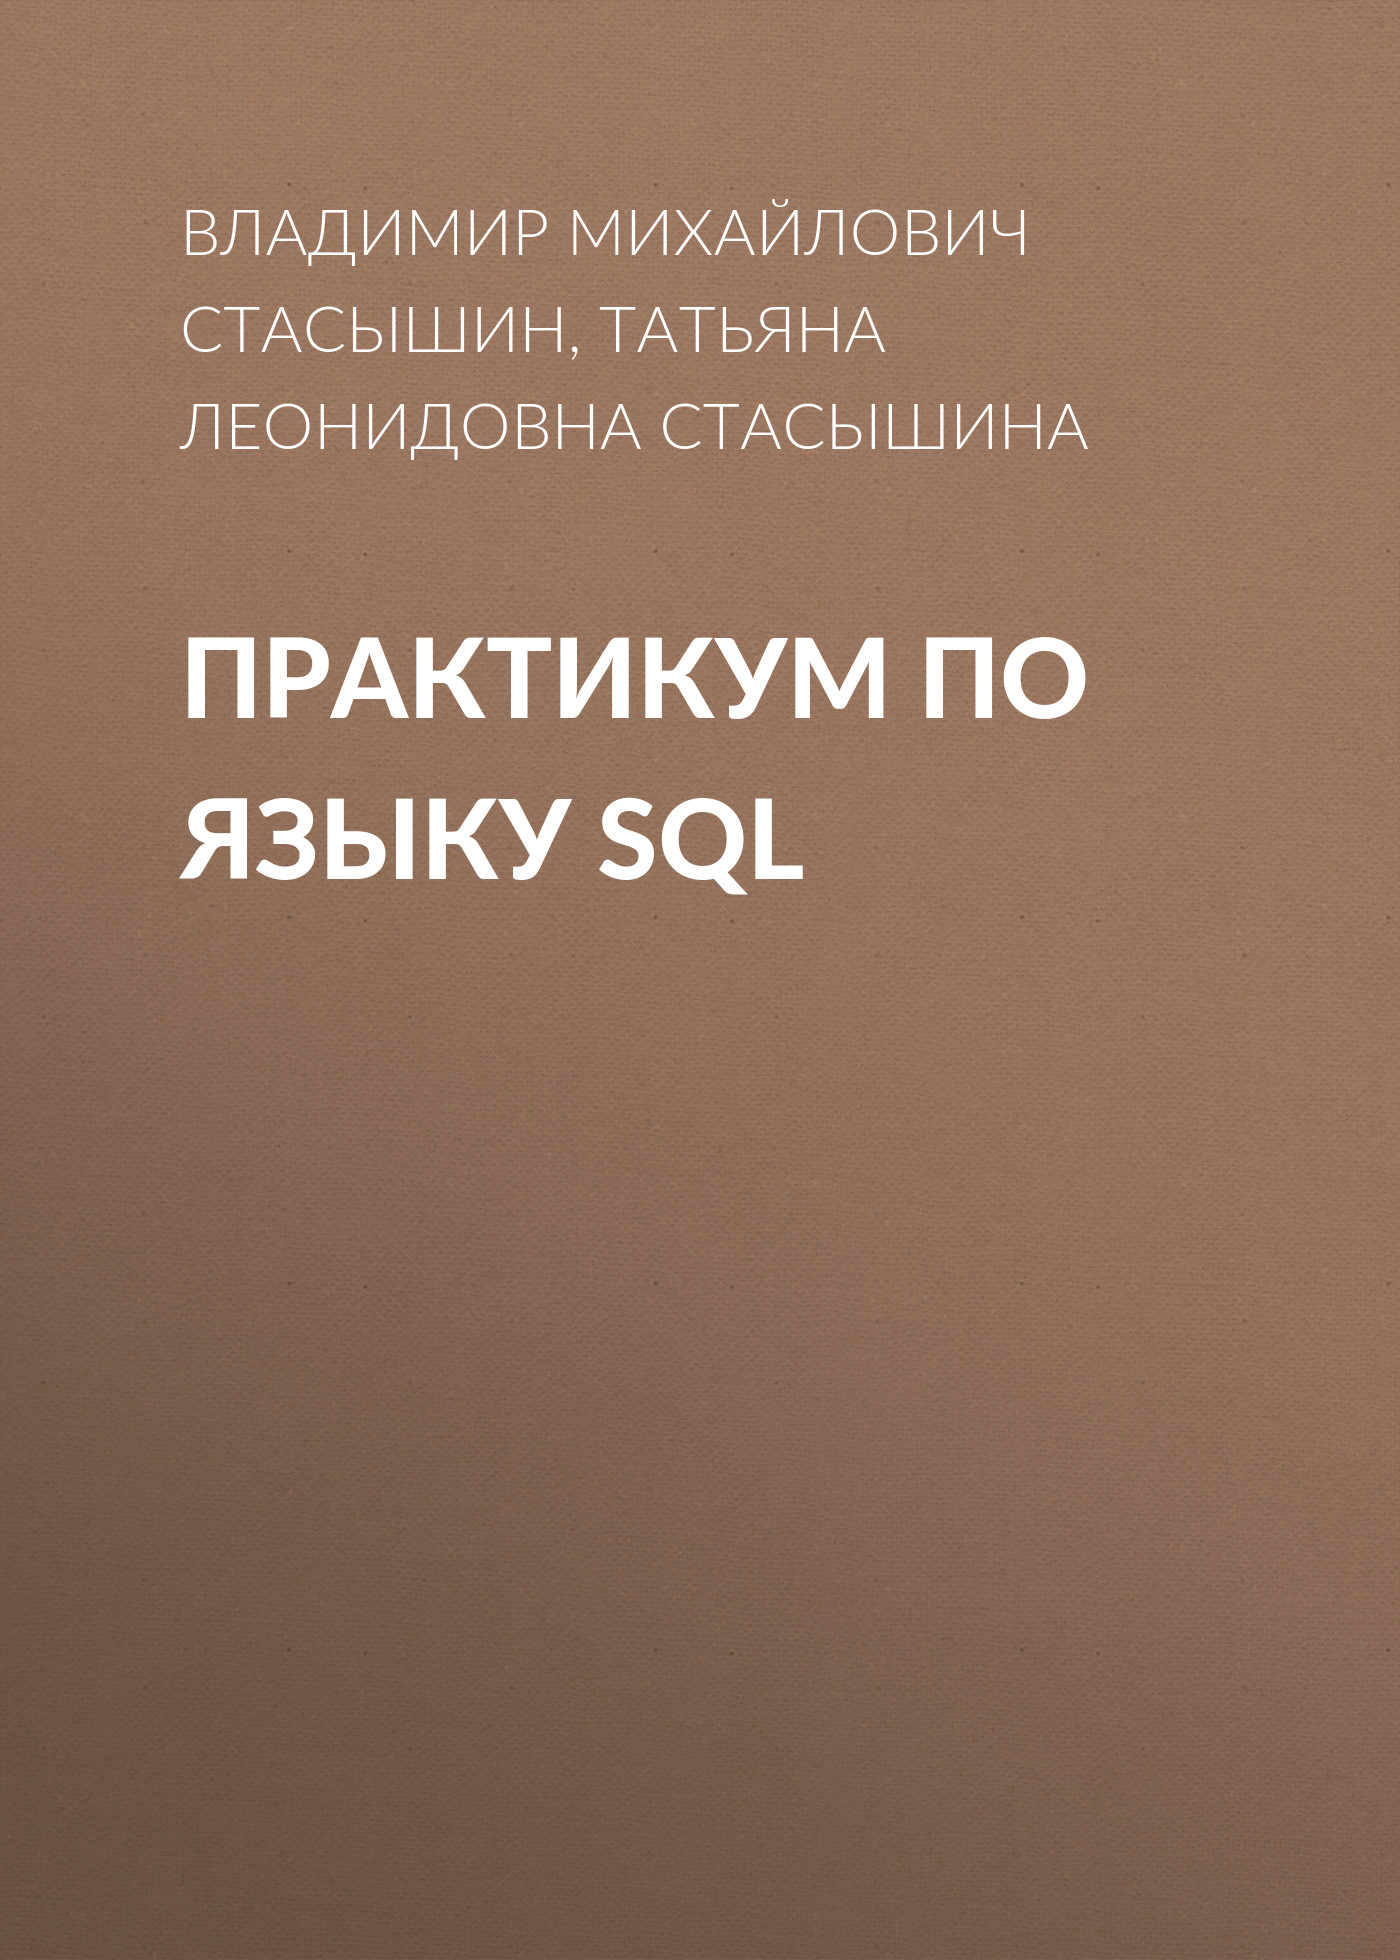 Татьяна Леонидовна Стасышина Практикум по языку SQL коллектив авторов базы данных манипулирование данными на языке sql в субд ms access 2007